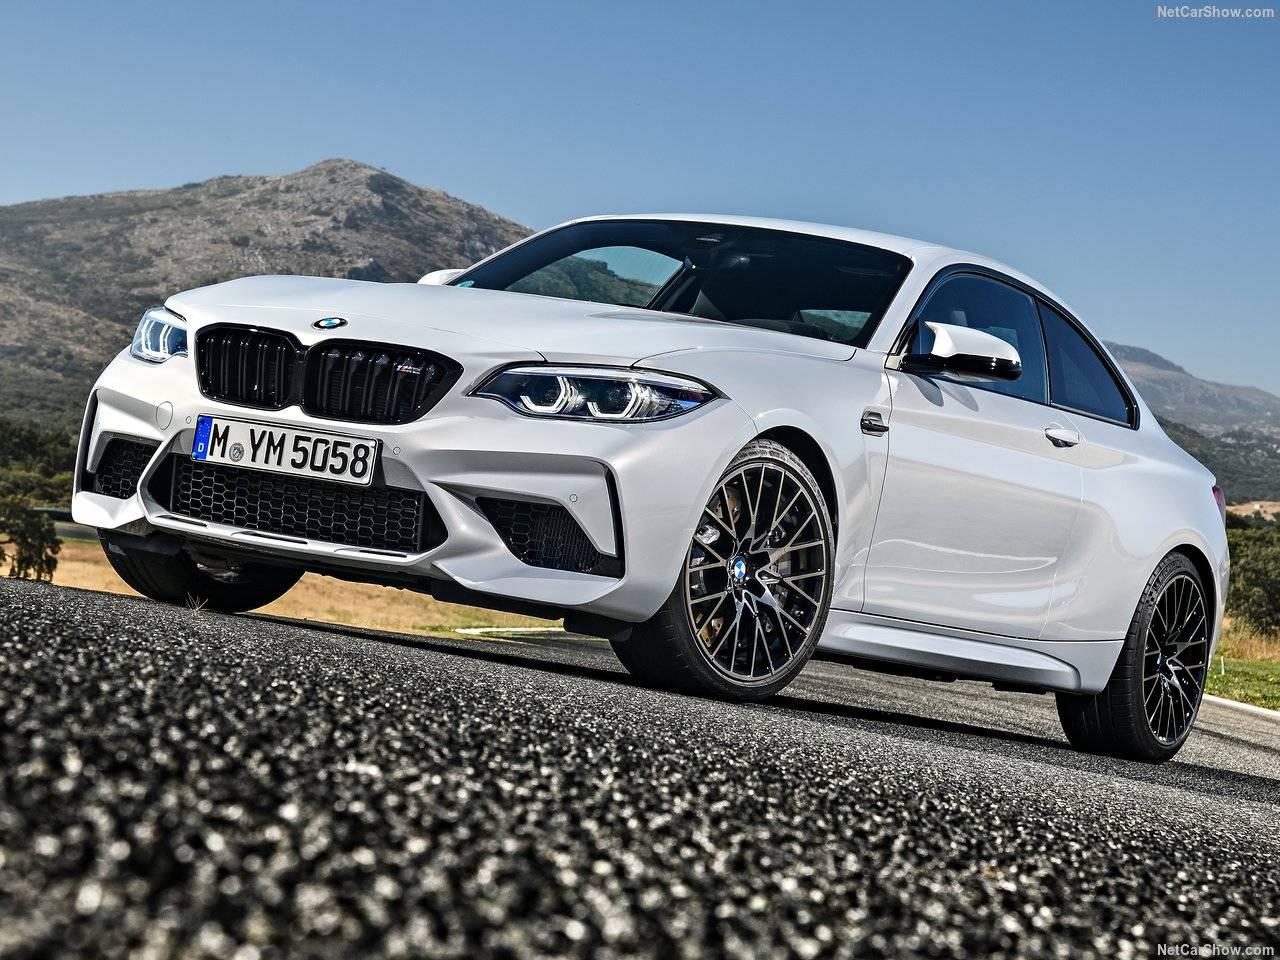 BMW M2 Competitionが発表されました!新しい高性能クーペとなっている模様!!!